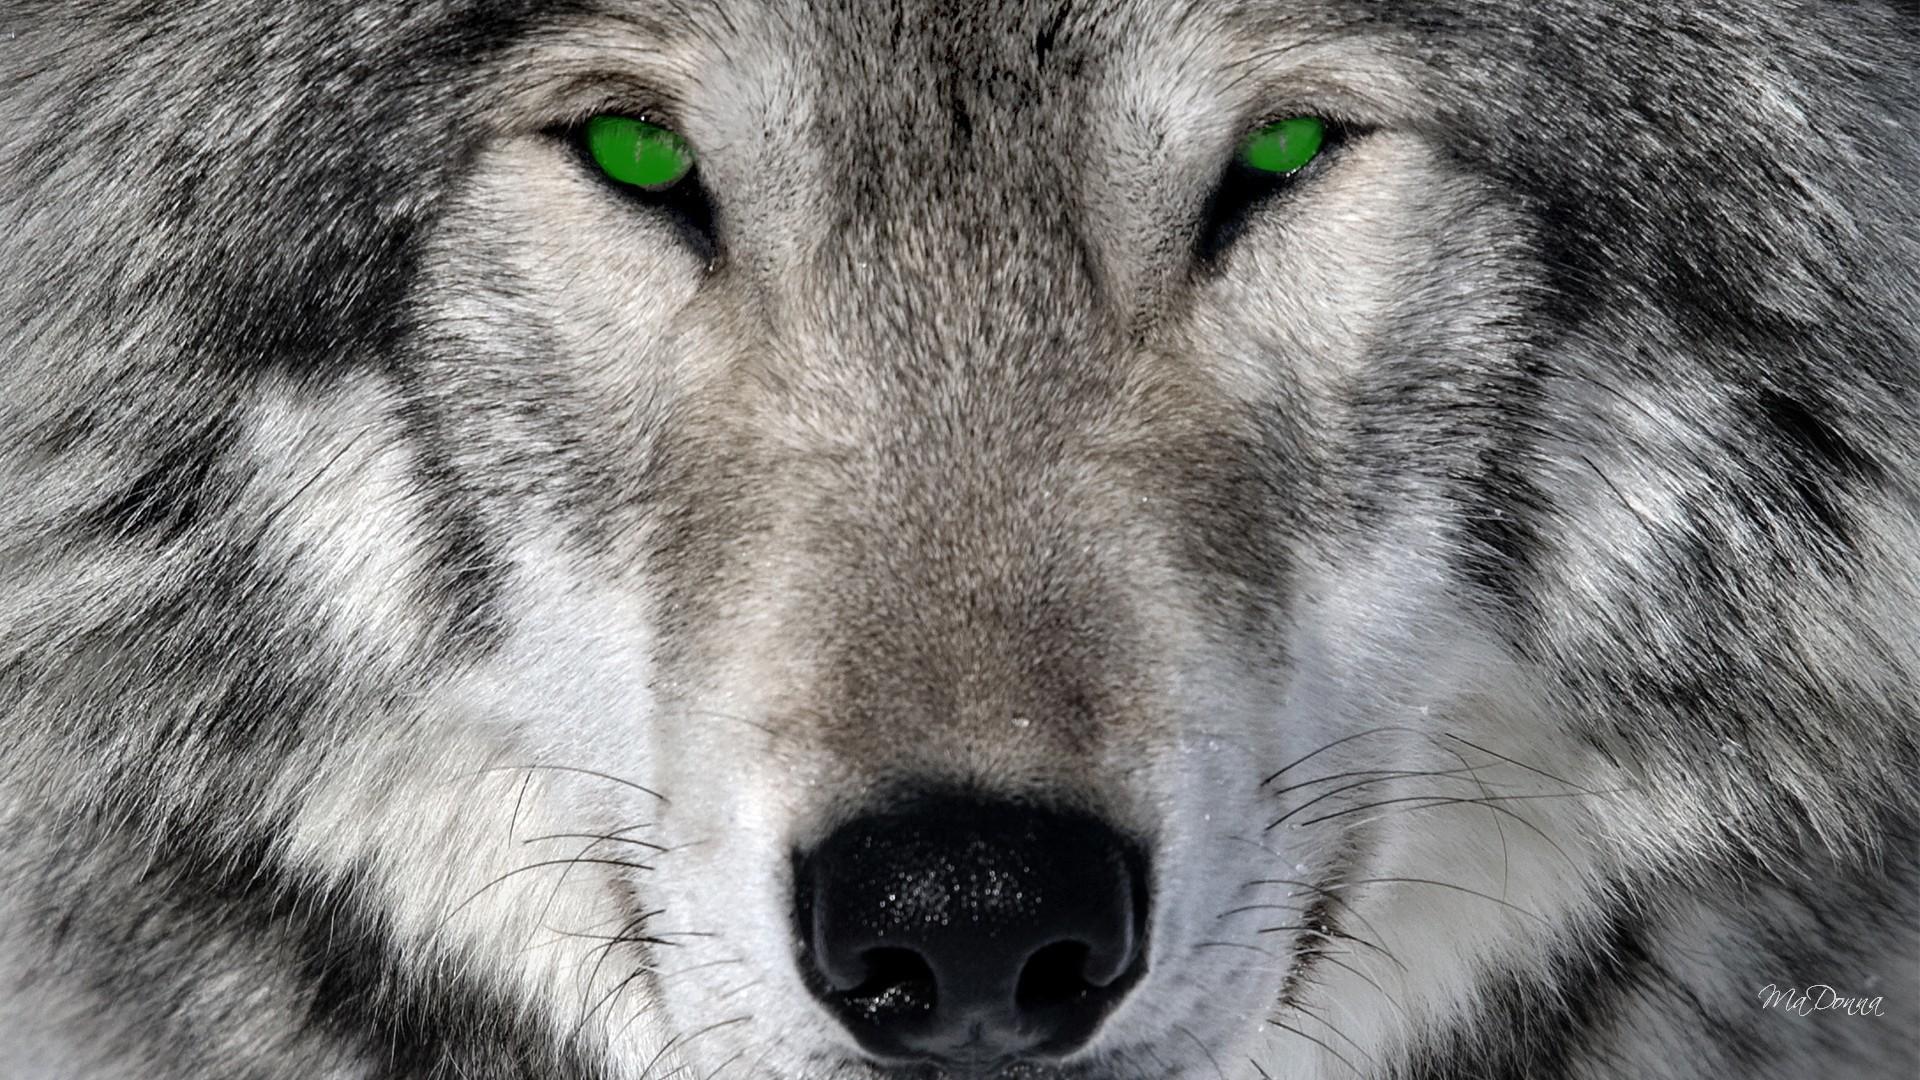 Sfondi lupi 61 immagini for Sfondi animali hd